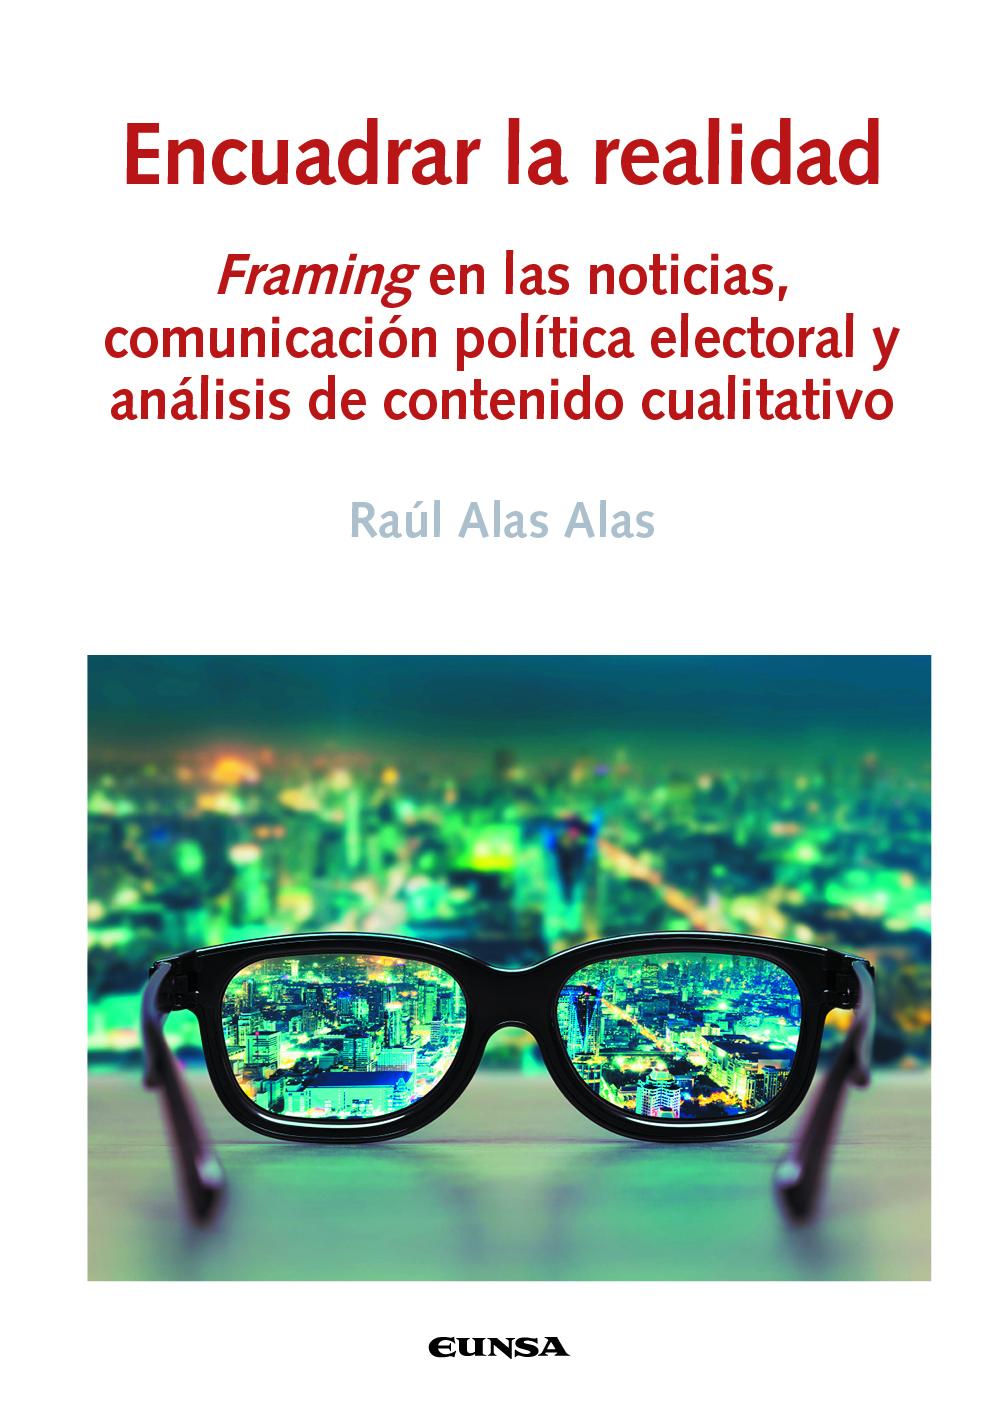 Encuadrar la realidad   «Framing en las noticias, comunicación política electoral y análisis de contenido cualitativo»